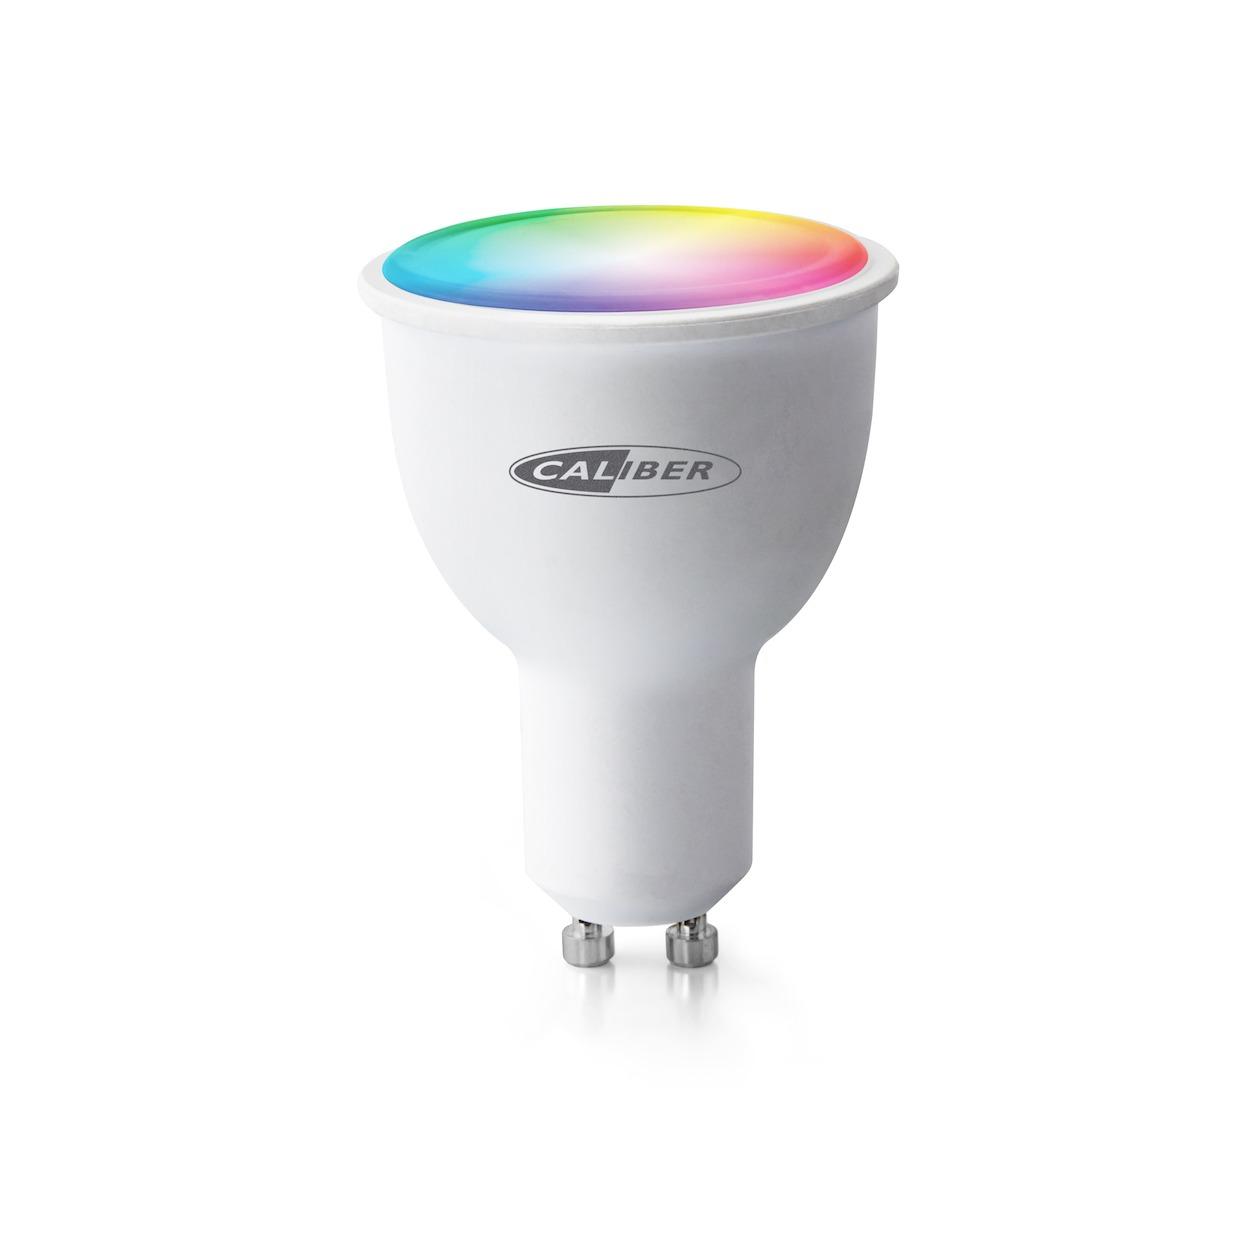 Caliber smartverlichting HWL5101 Smart Spot GU10 werkt met Google Assistant